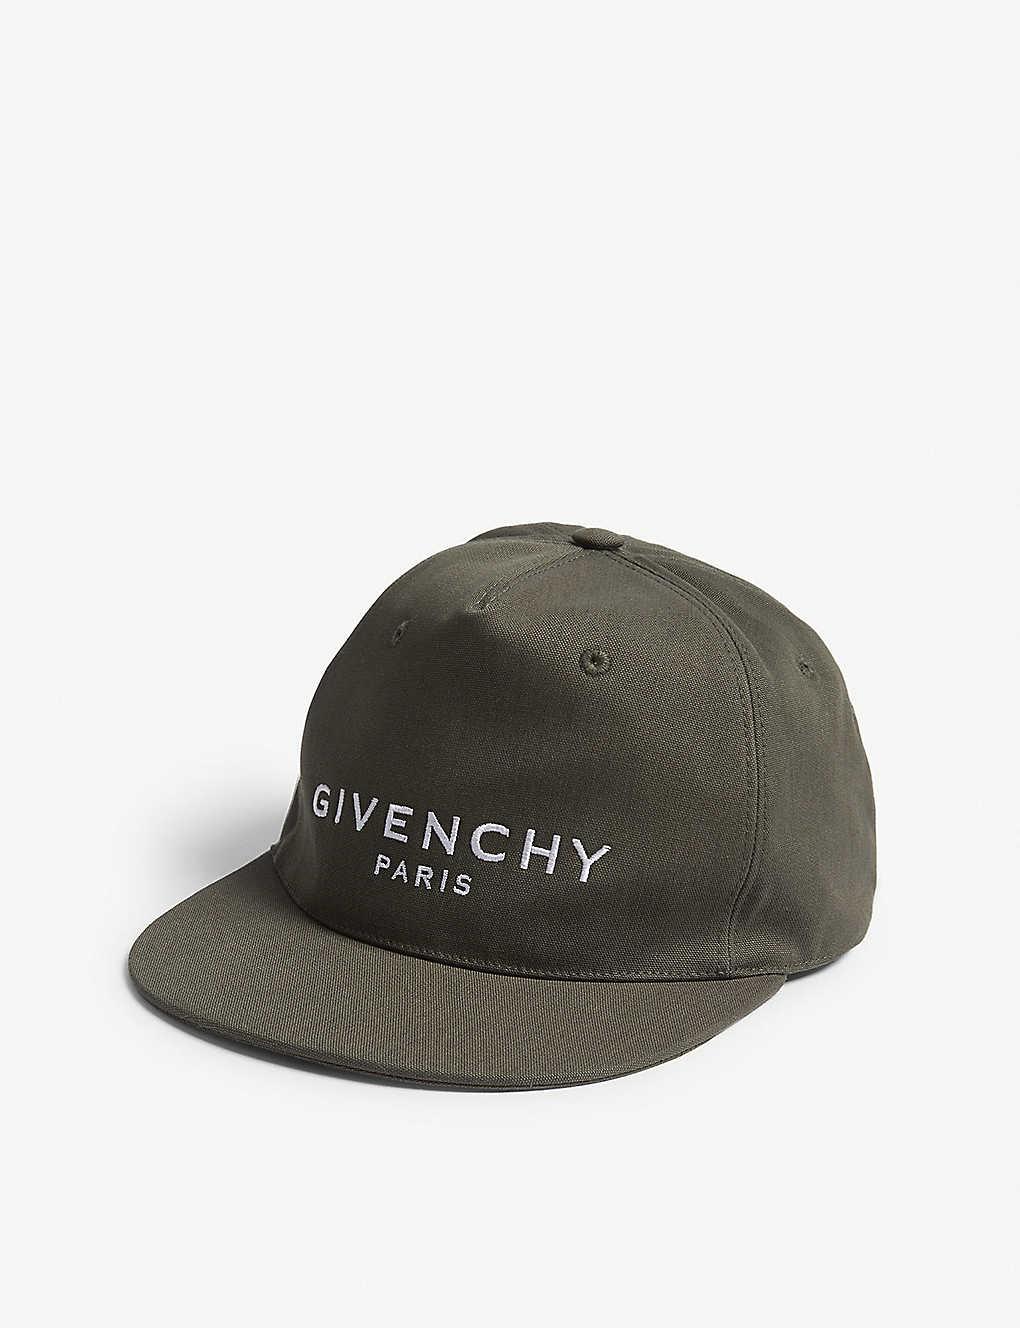 b4c61c281ec GIVENCHY - Paris logo cap